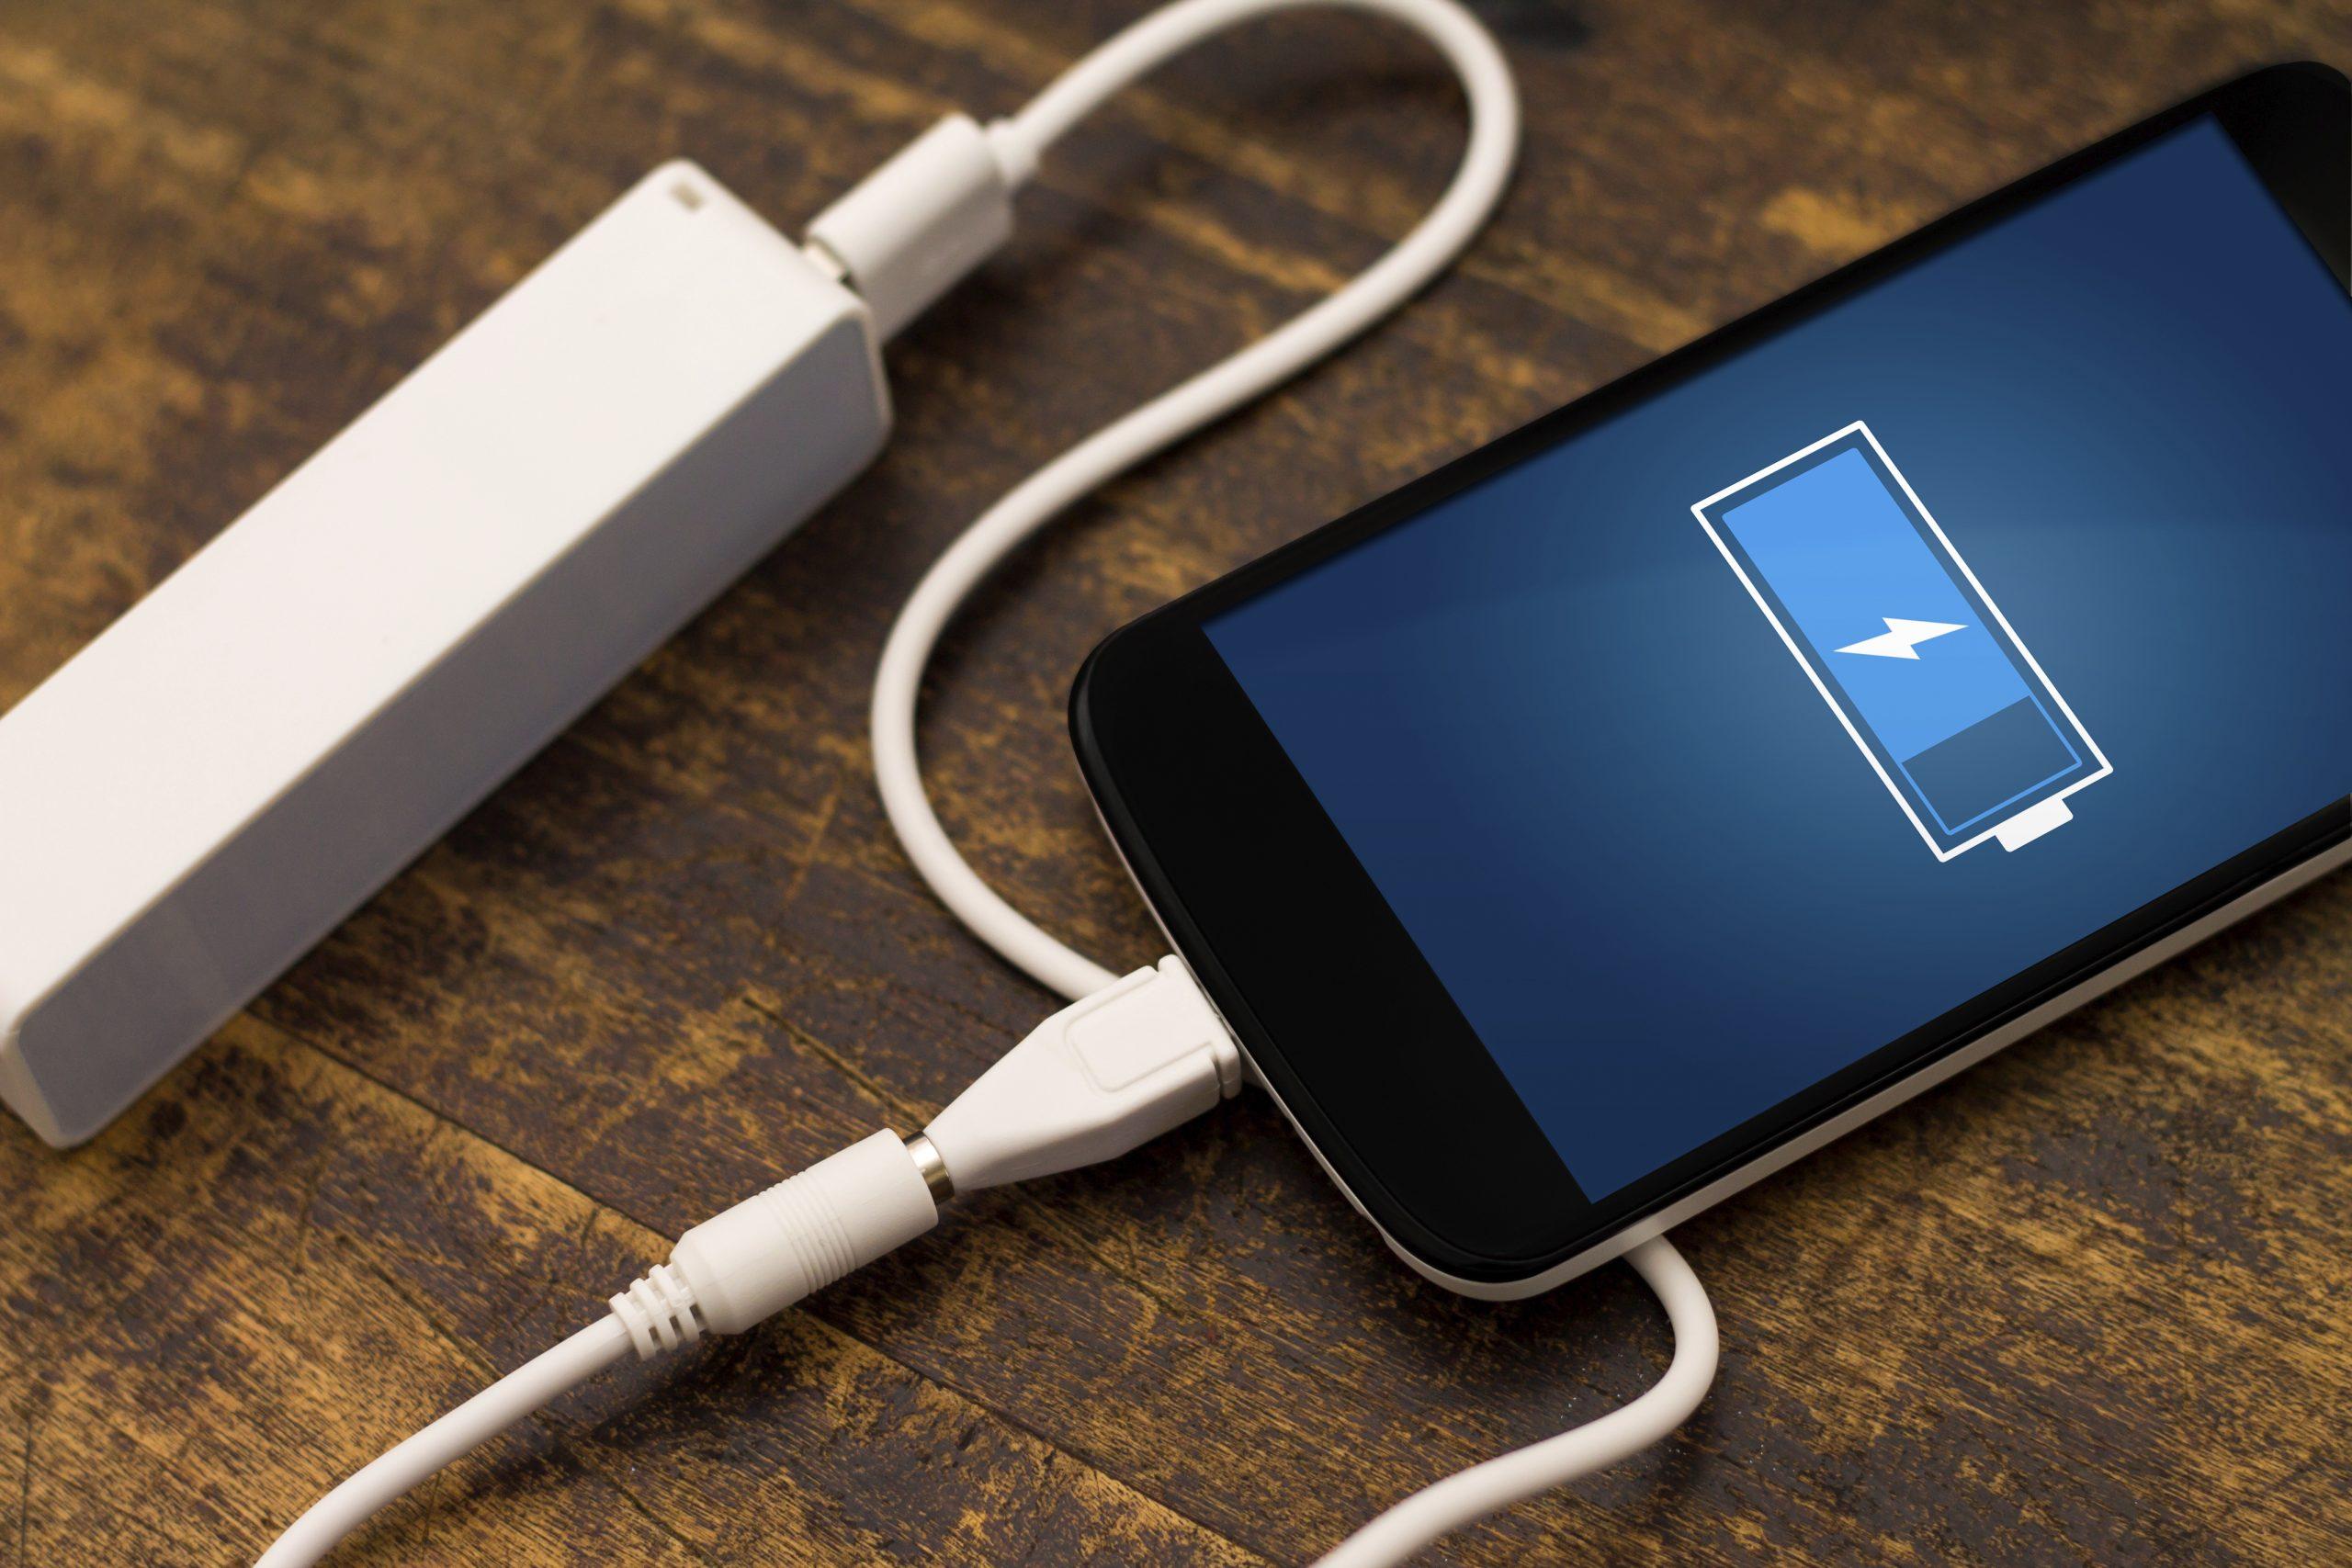 زیاد در شارژ ماندن گوشی های همراه